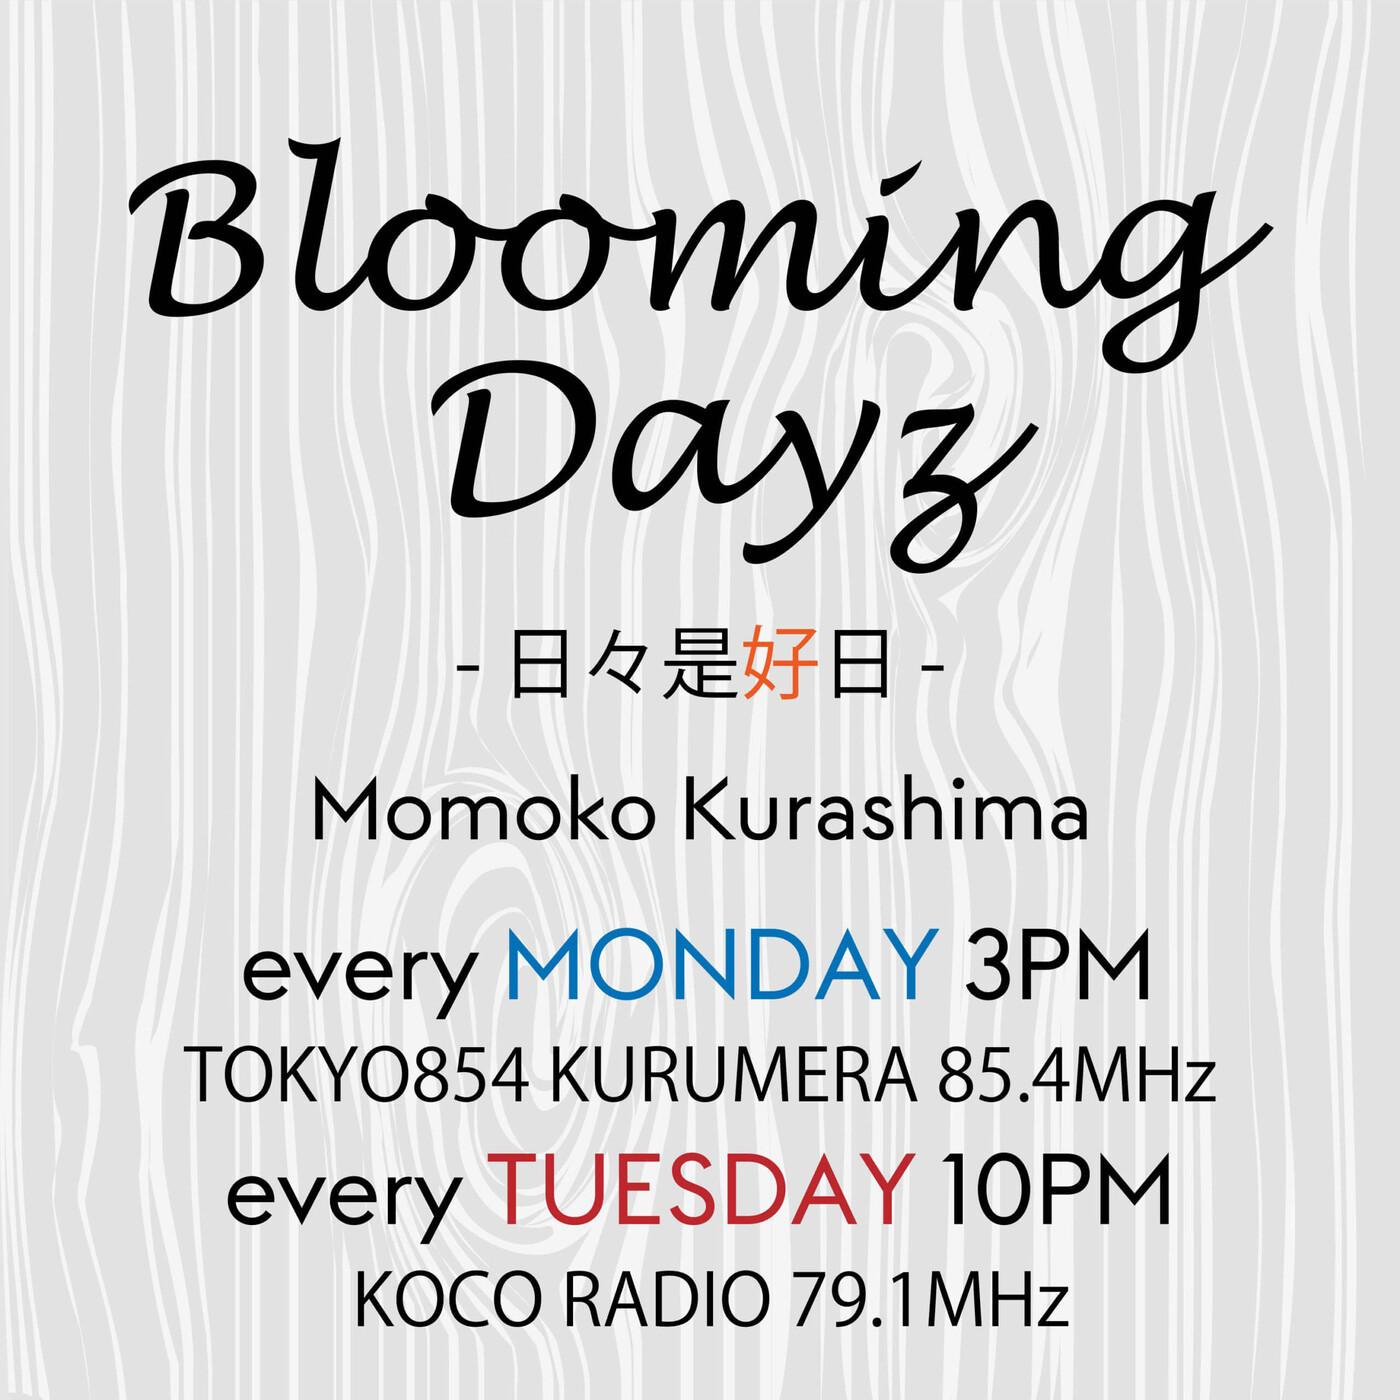 [20201020]オープニング|Bloomig Days PLUS-日々是好